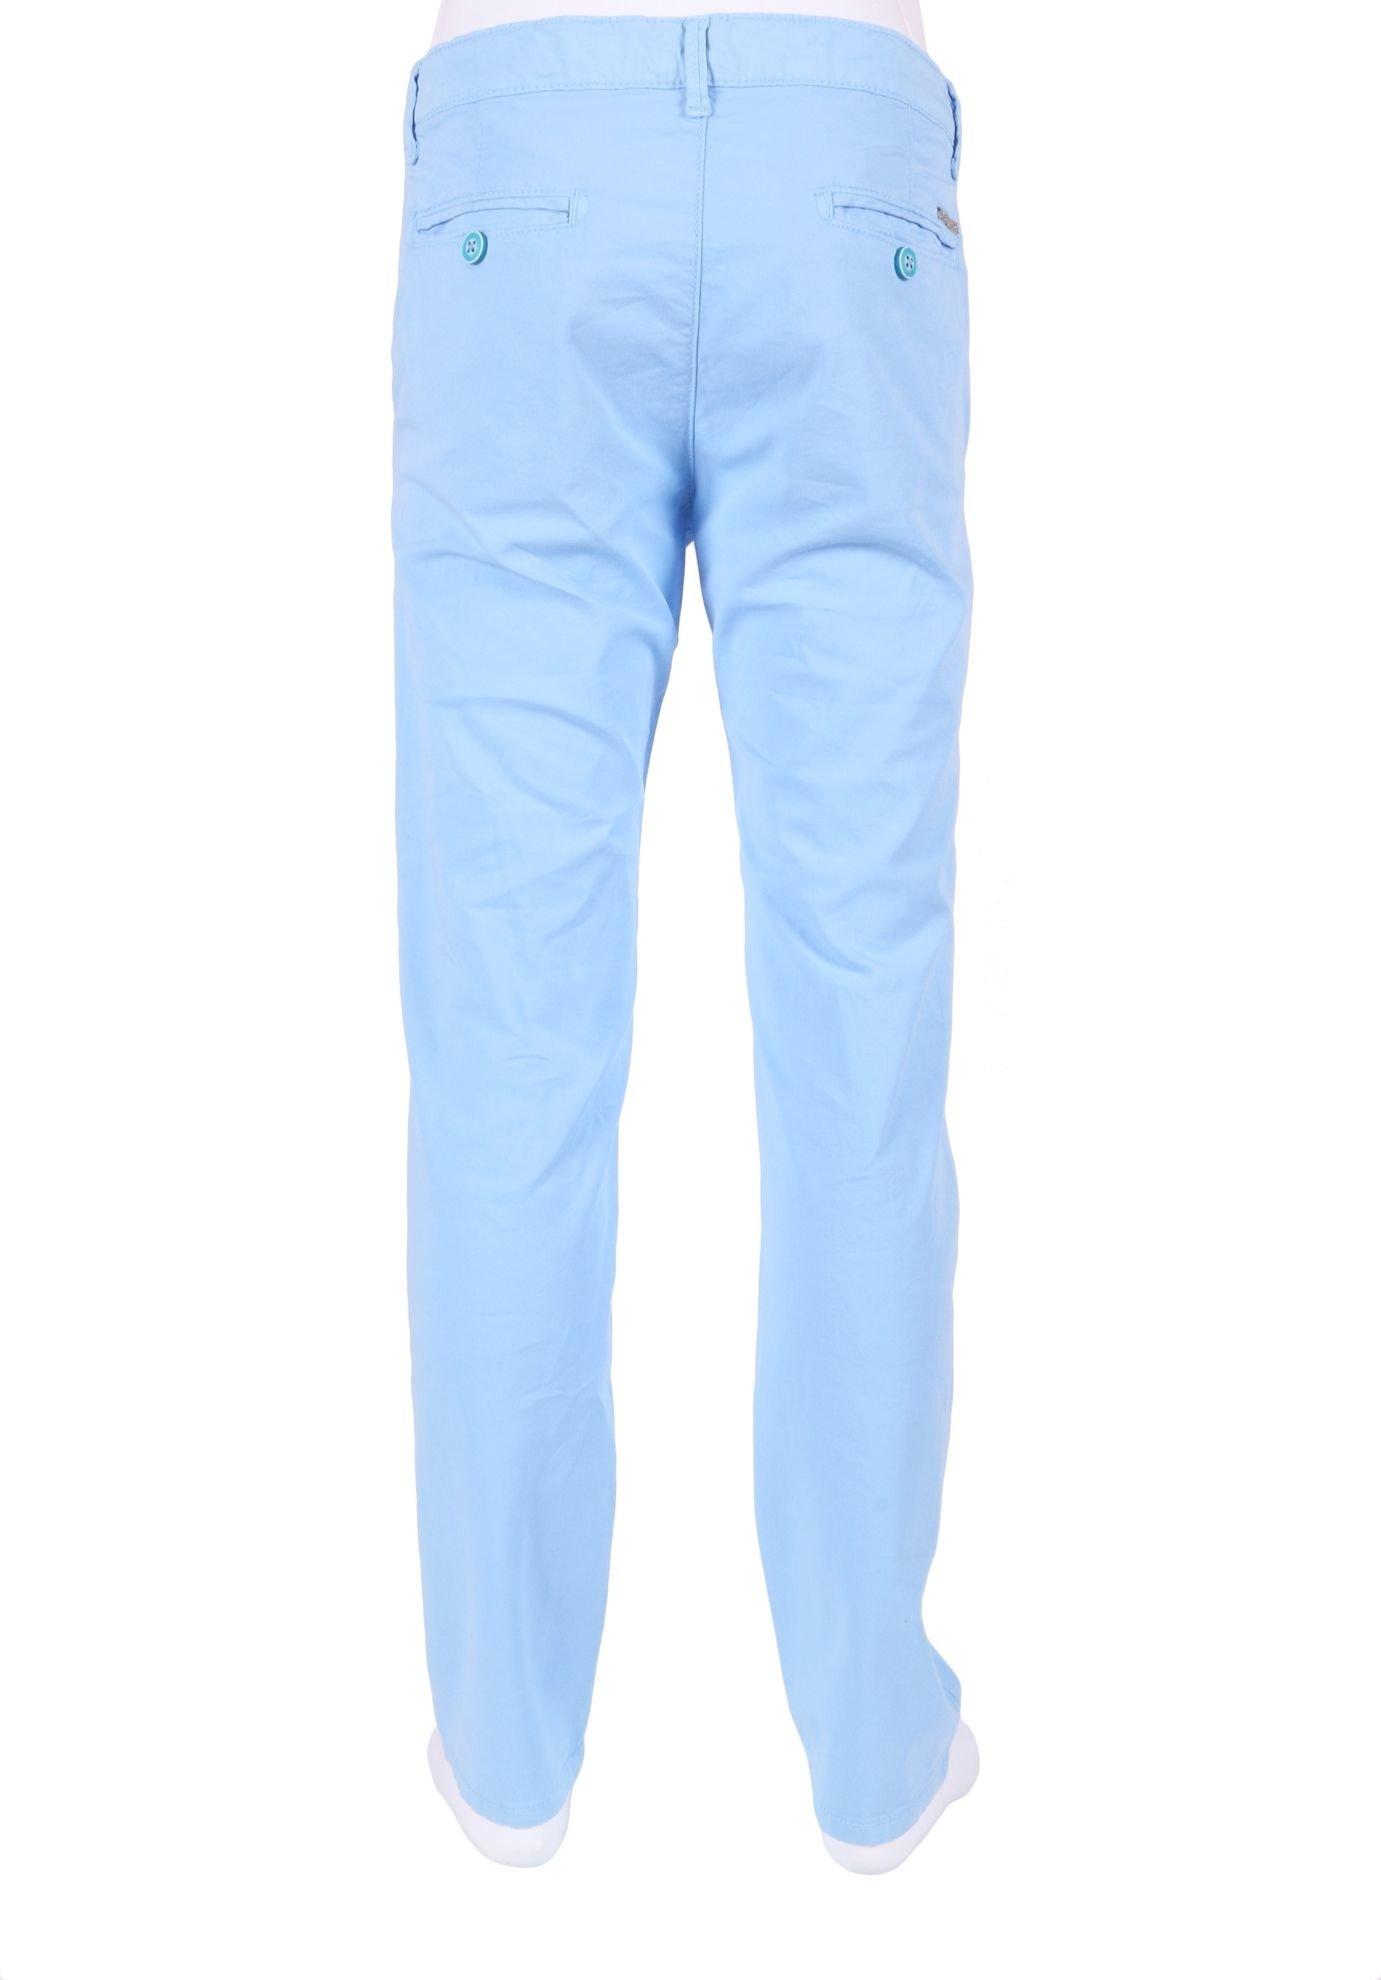 Джинсы для мальчика светло голубые  (Арт. D-JEANS 0064)